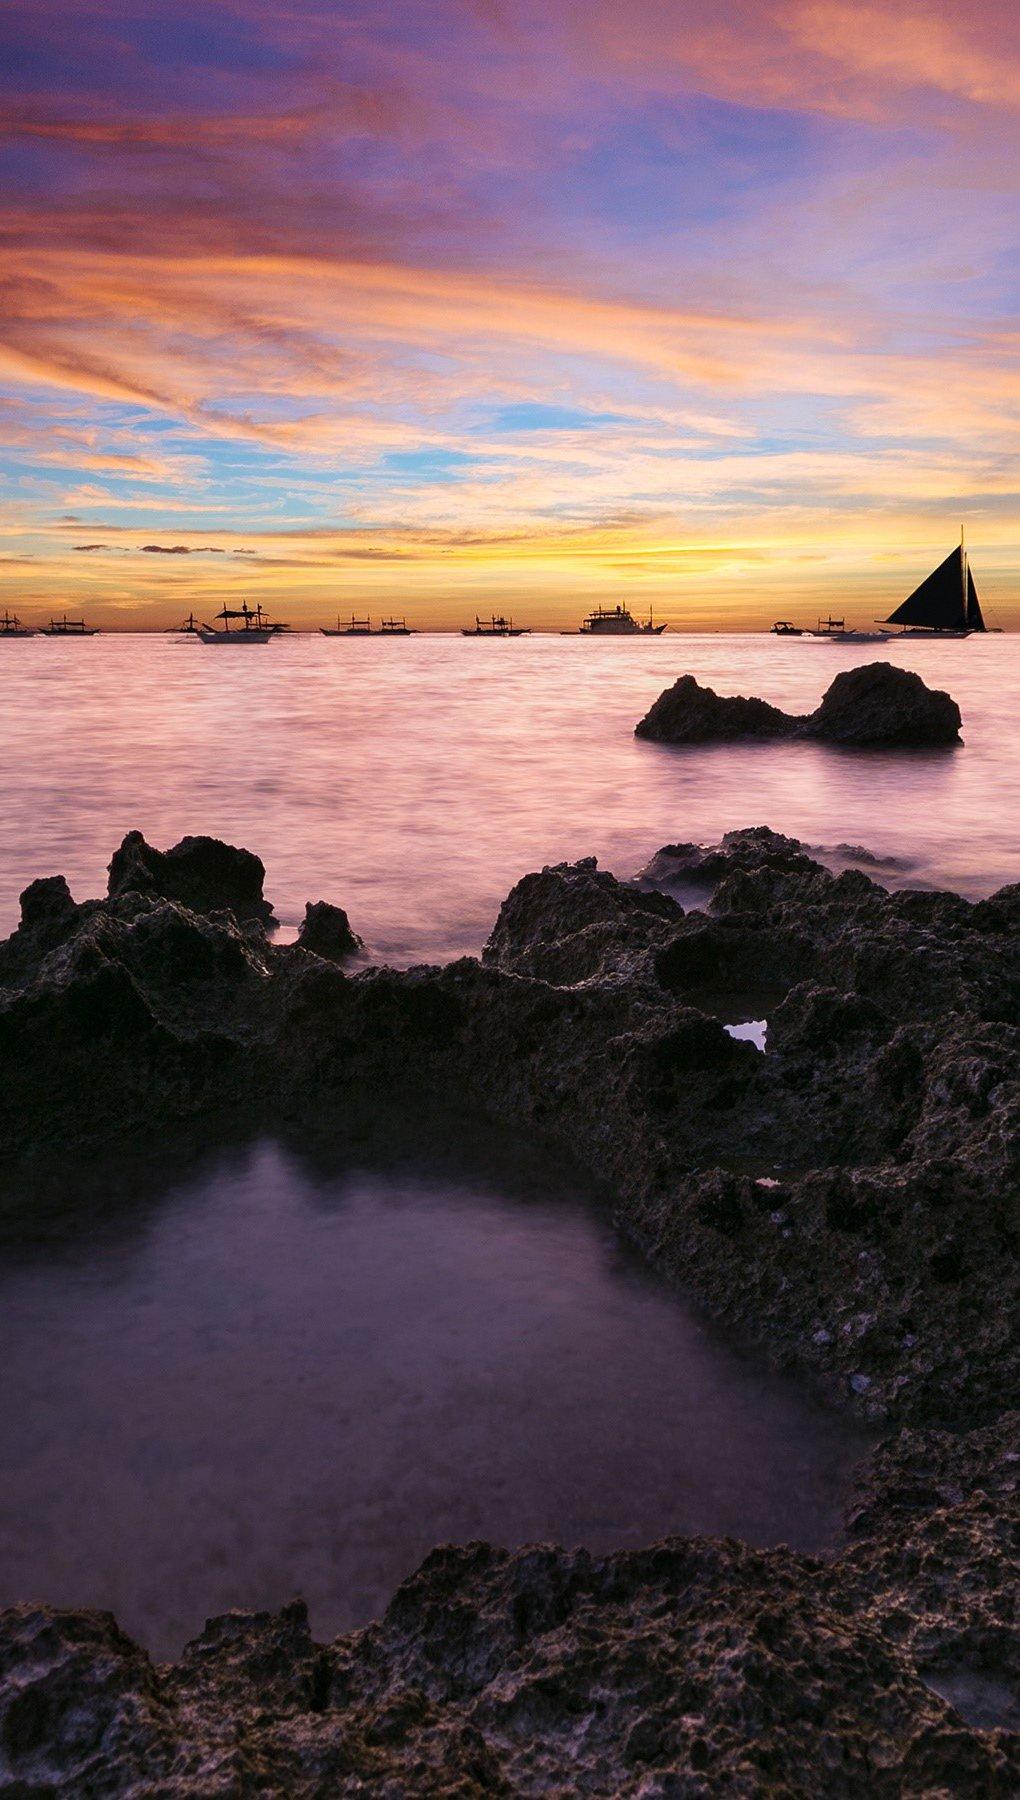 Wallpaper Sunset on a coast Vertical